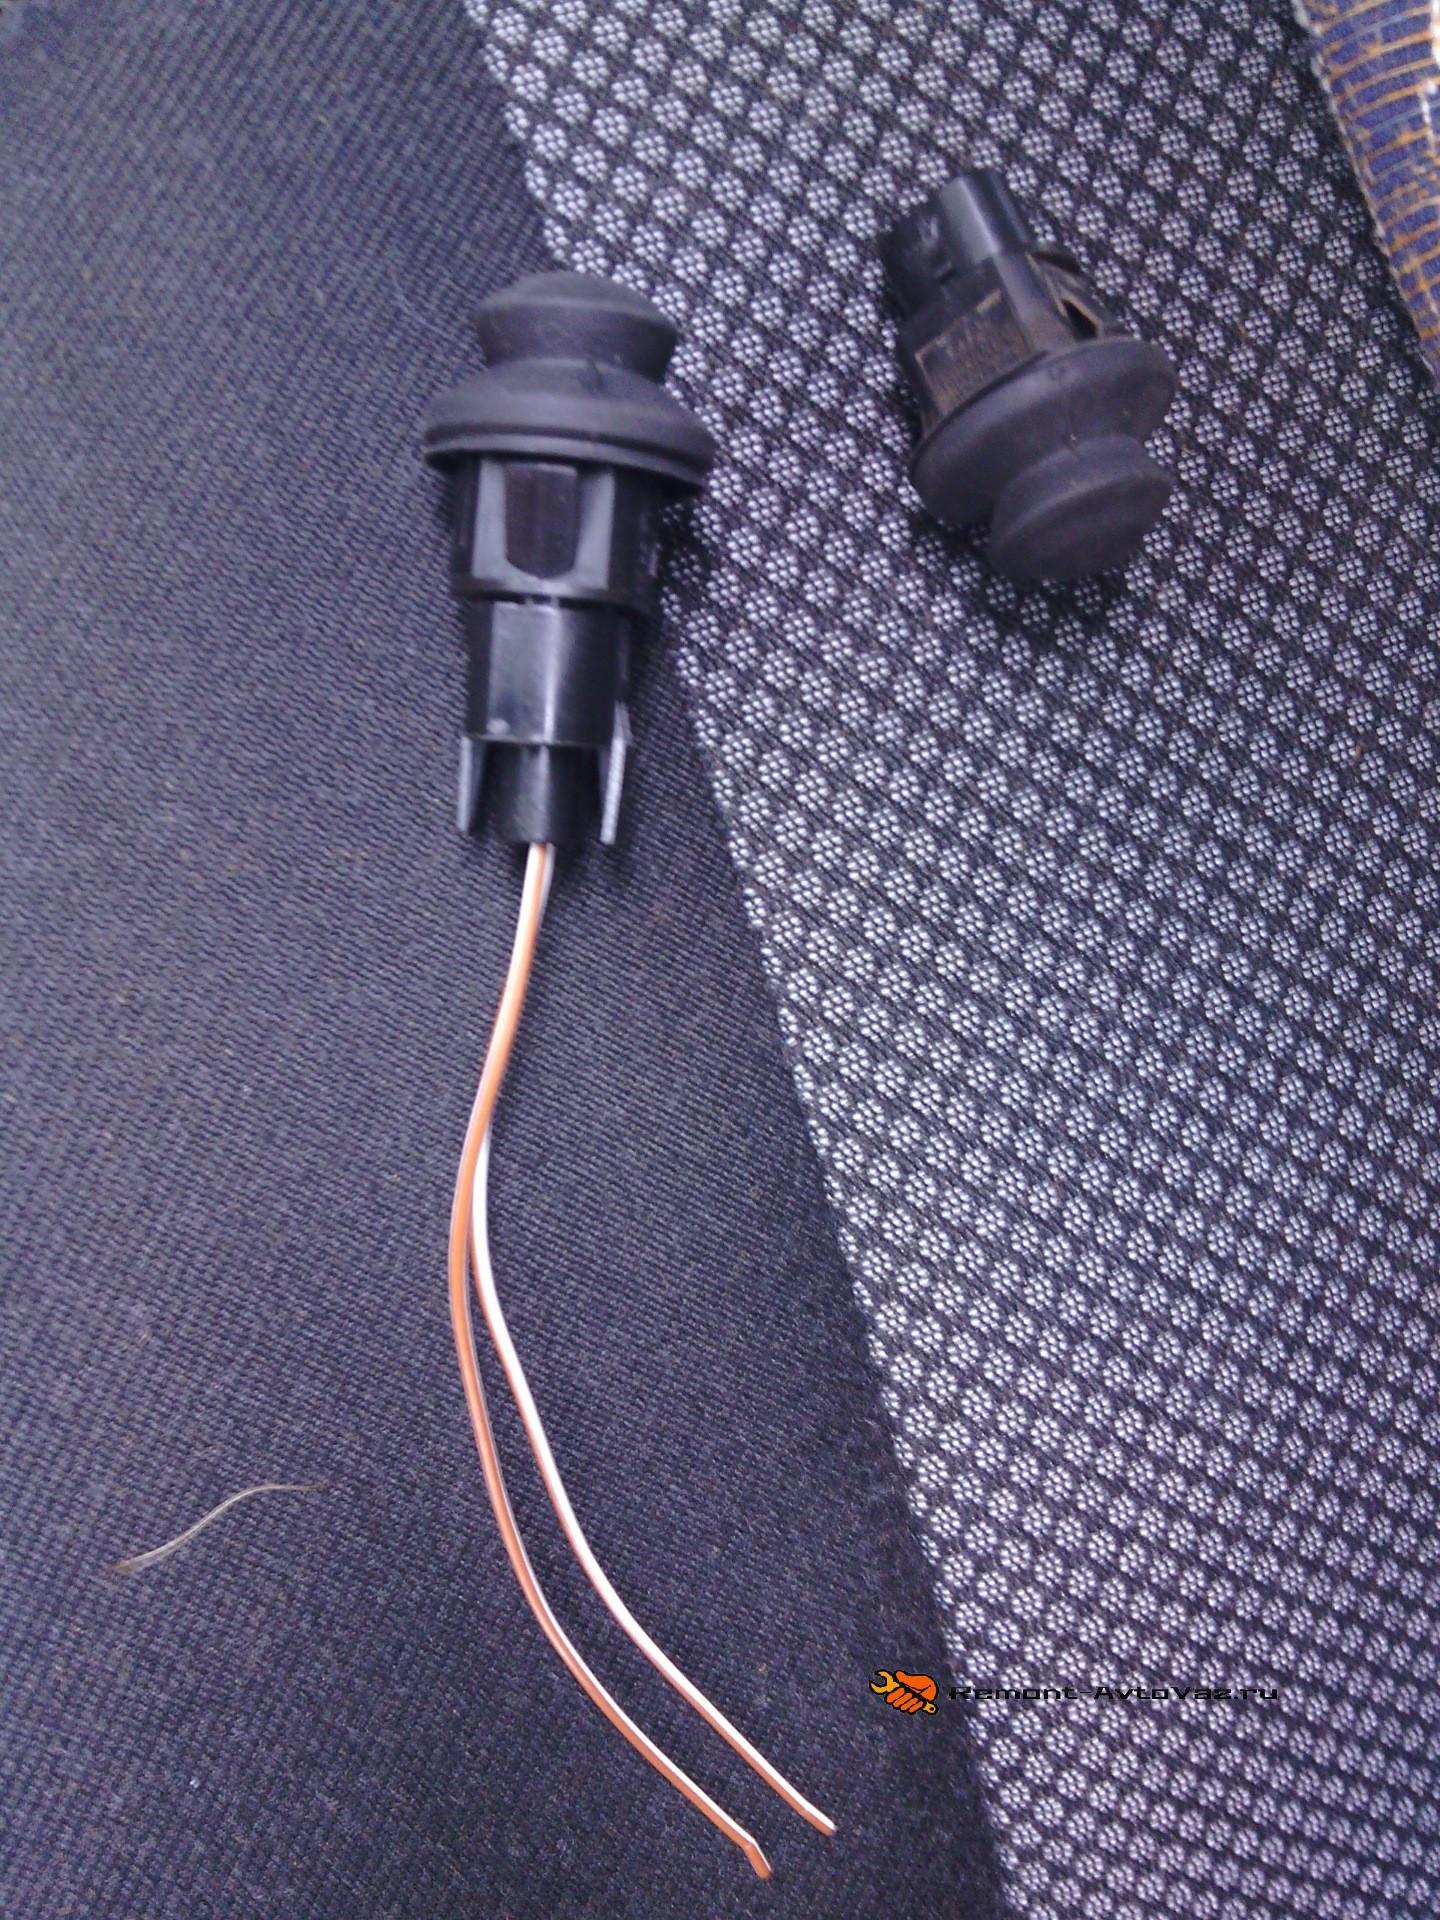 Концевики Гранта Лифтбек заглушки установка